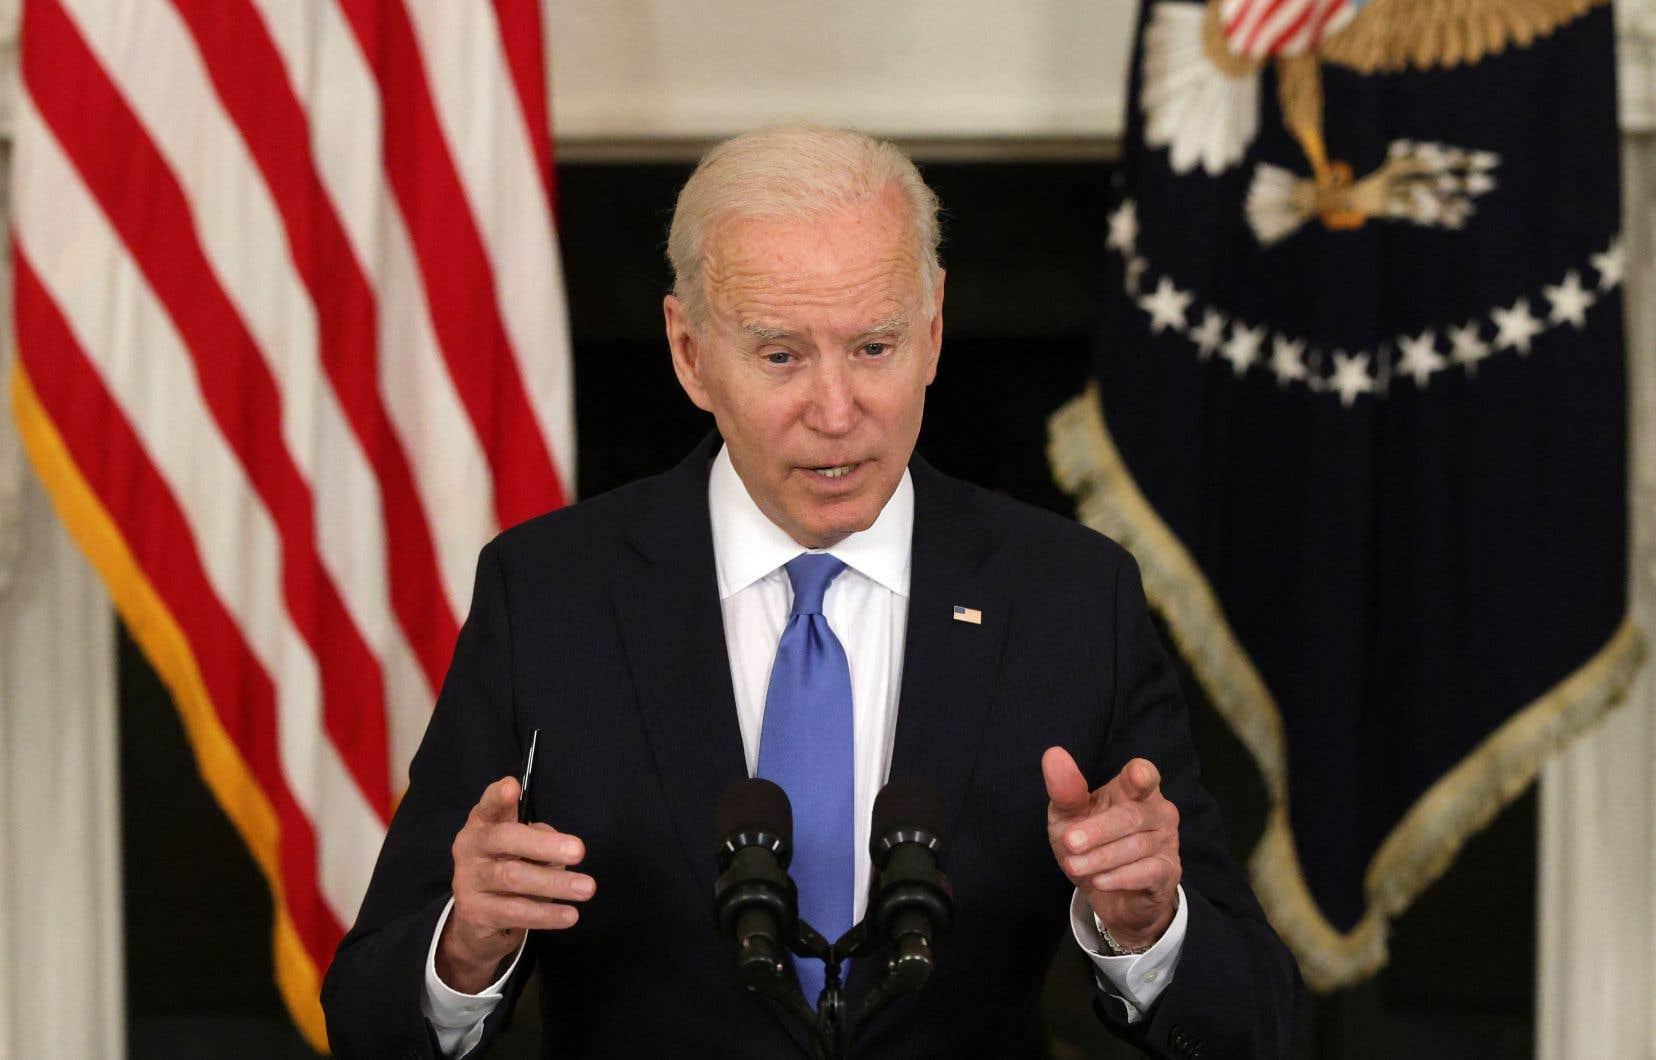 Le président américain, Joe Biden, est d'avis qu'une levée des brevets permettrait d'accélérer la production et la distribution des vaccins anti-COVID partout dans le monde.